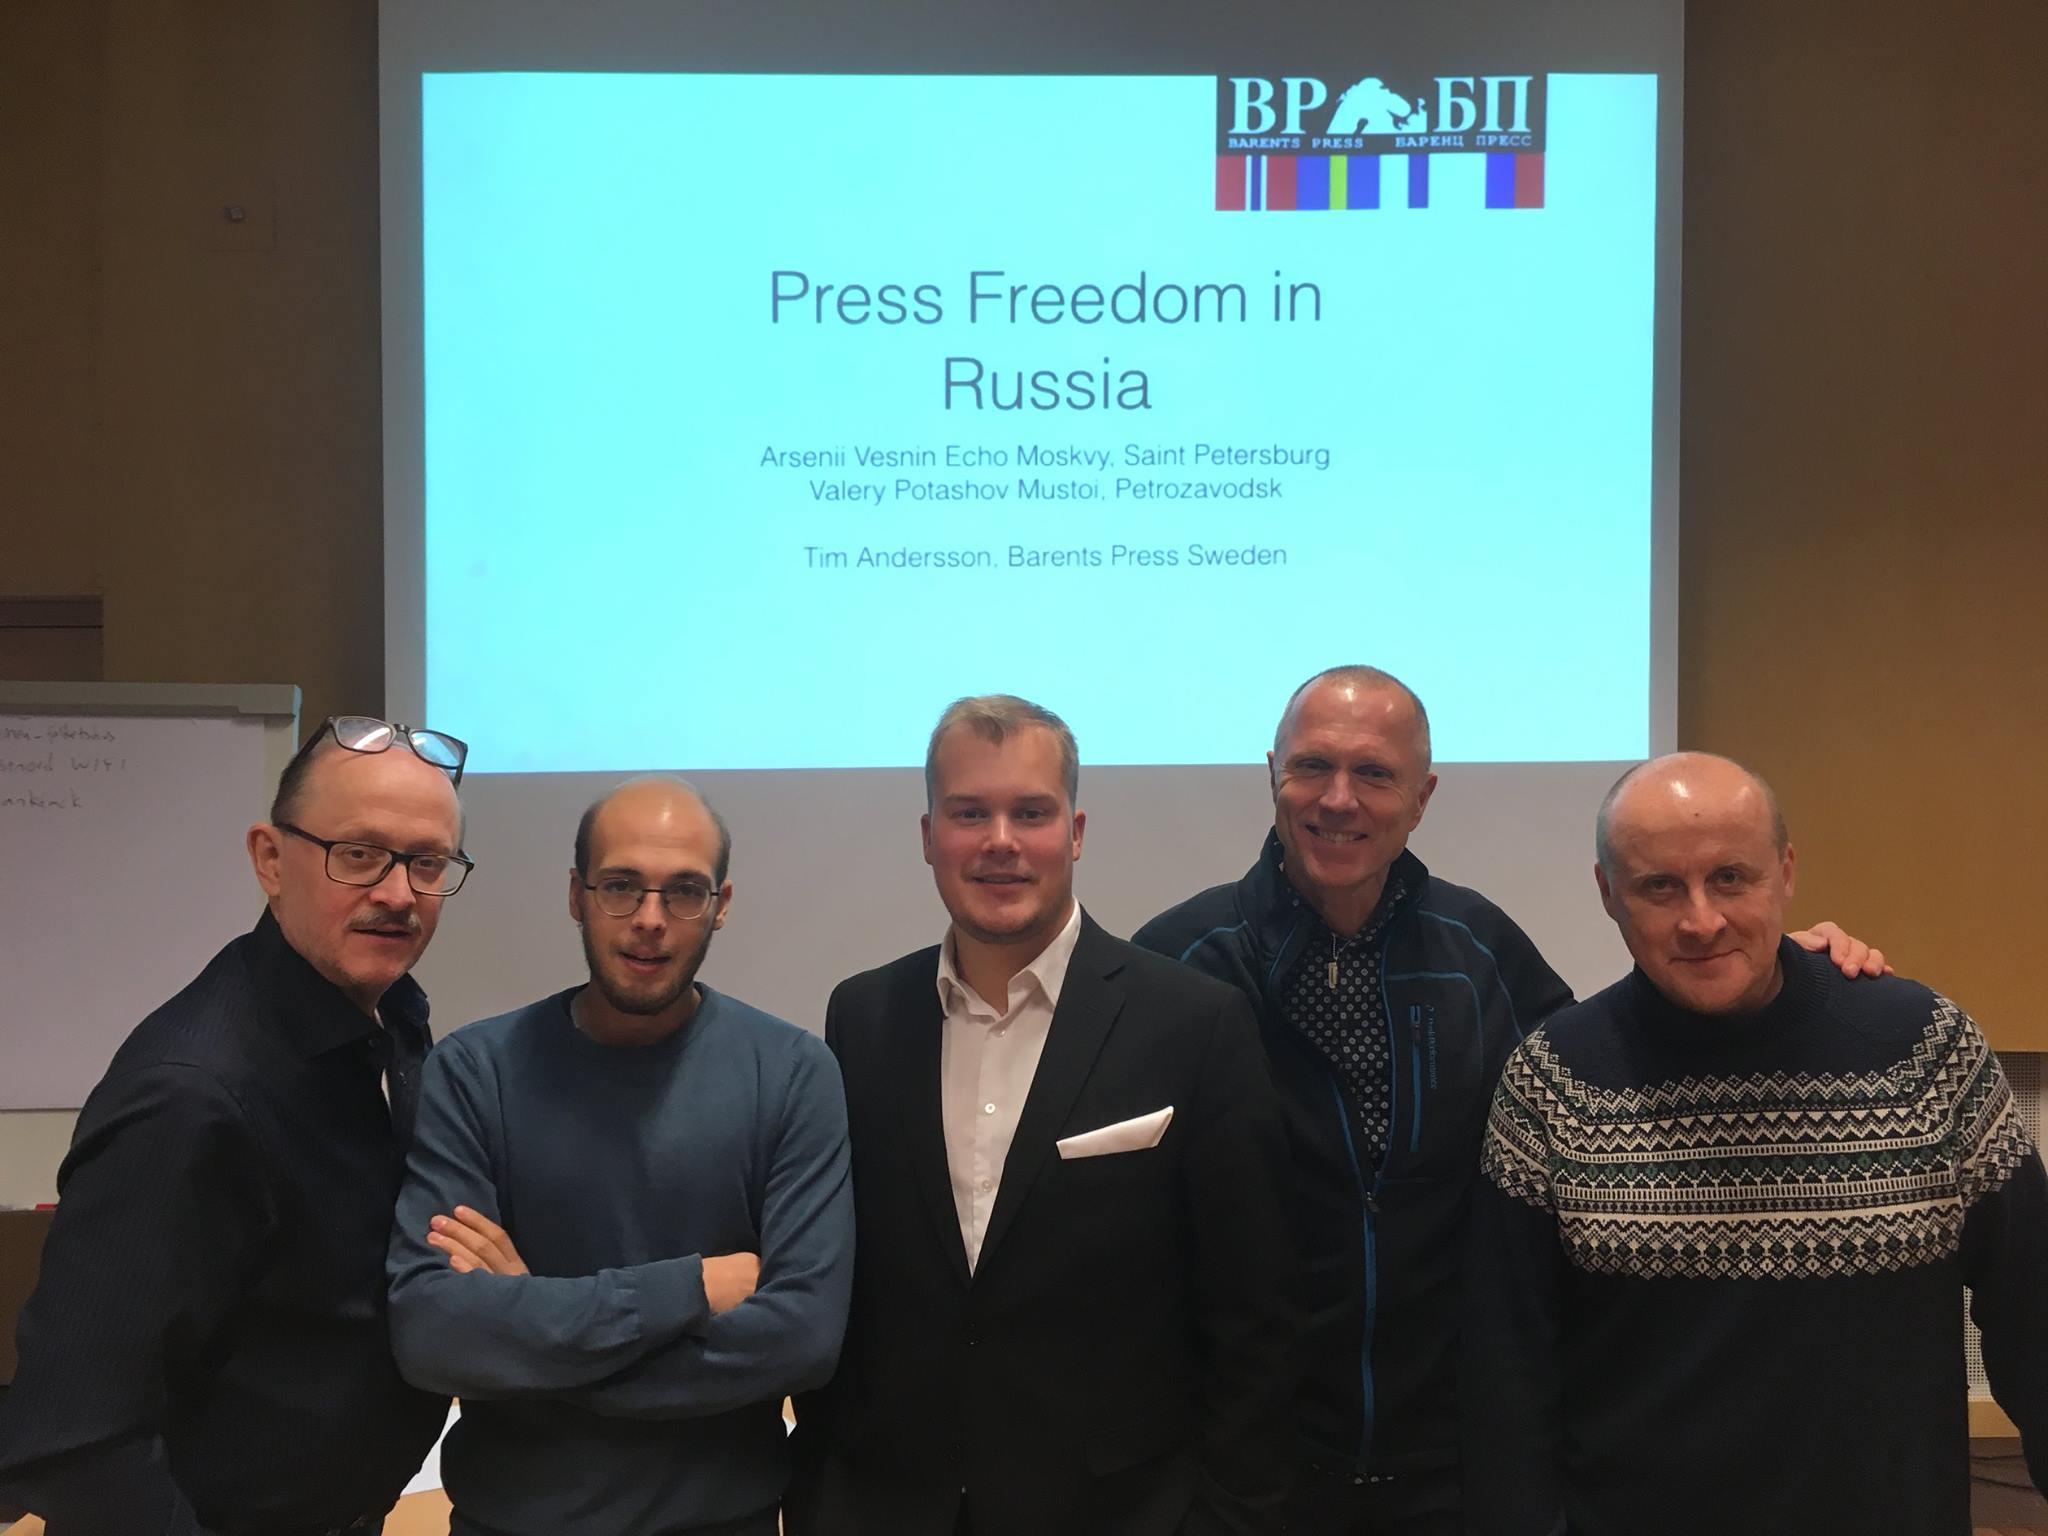 Участники семинара (слева направо): Эрланл Сегерстедт (Швеция), Арсений Веснин (Россия), Тим Андерссон (Швеция), Бертулоф Бреннстрем (Швеция), Валерий Поташов (Россия). Фото: Barents Press Sweden